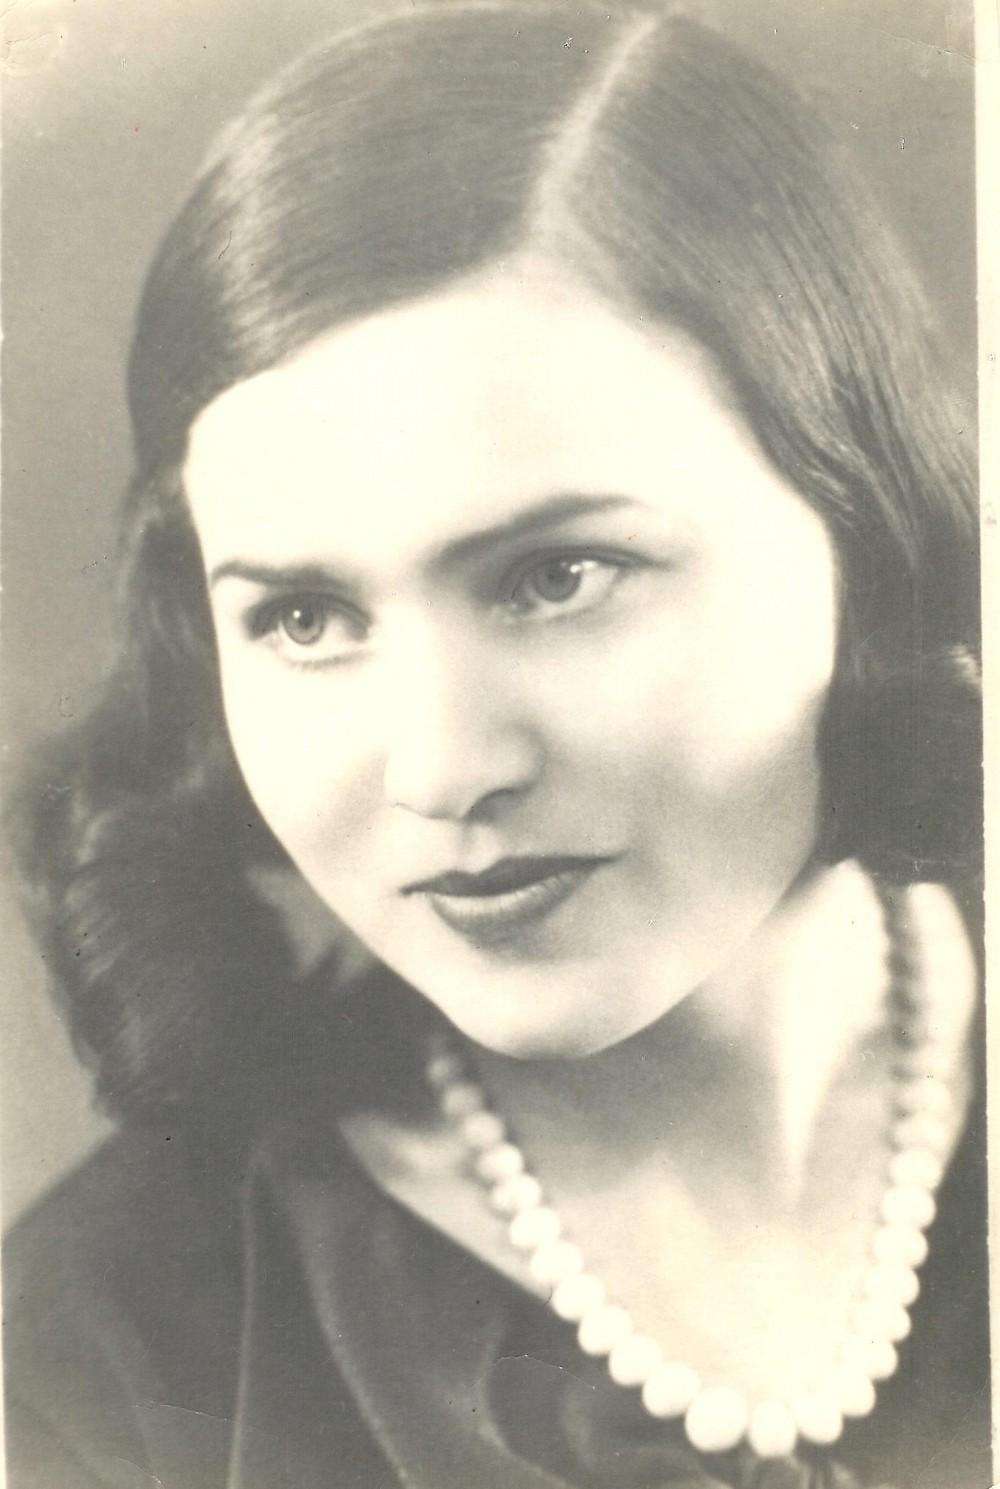 Nuotrauka su dedikacija S. Čiurlionienei. 1933 m. birželio 13 d.